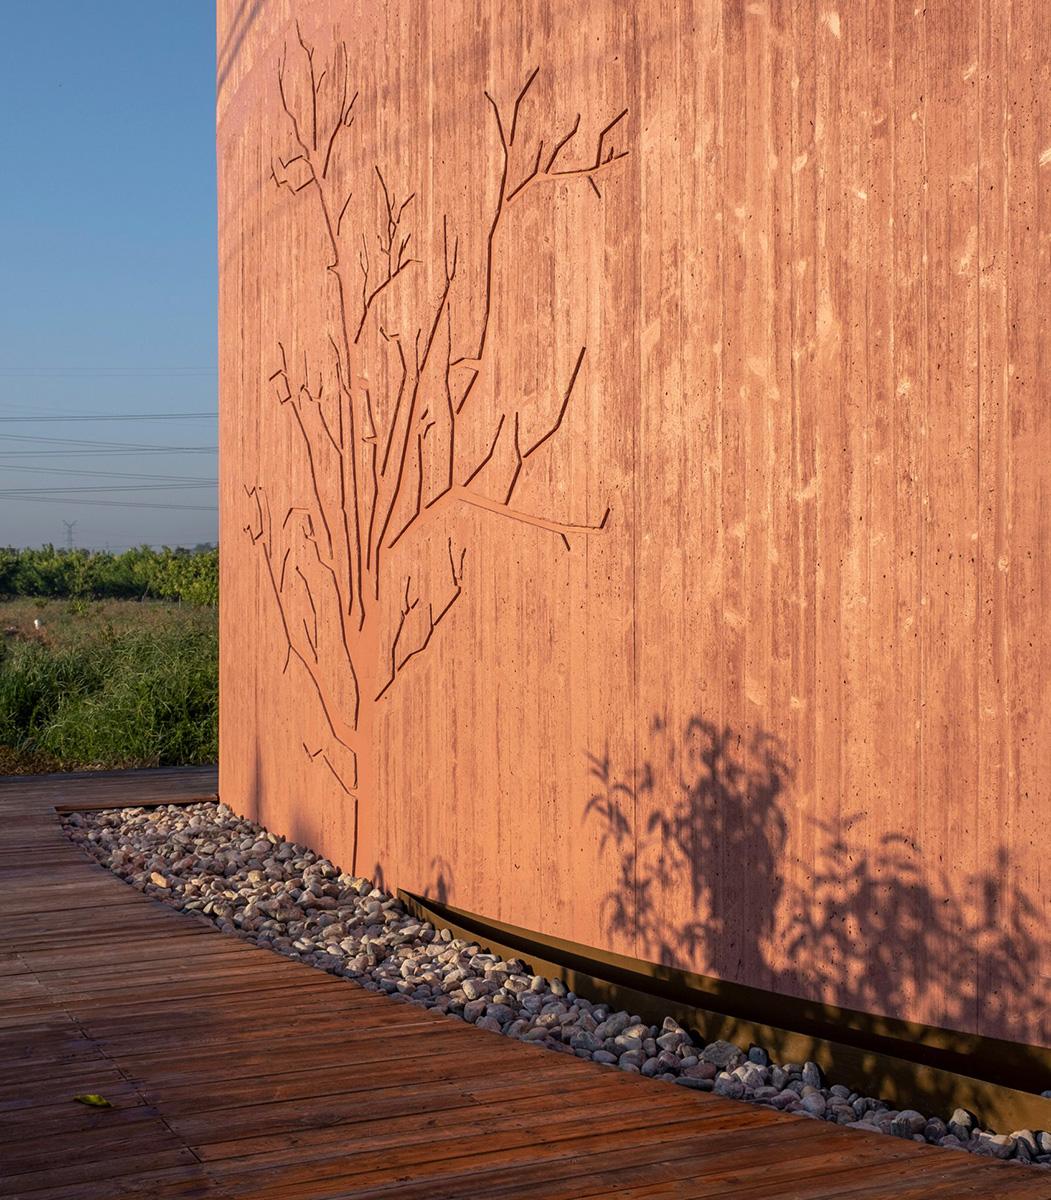 Peach-Hut-Atelier-Xi-Zhang-Chao-07